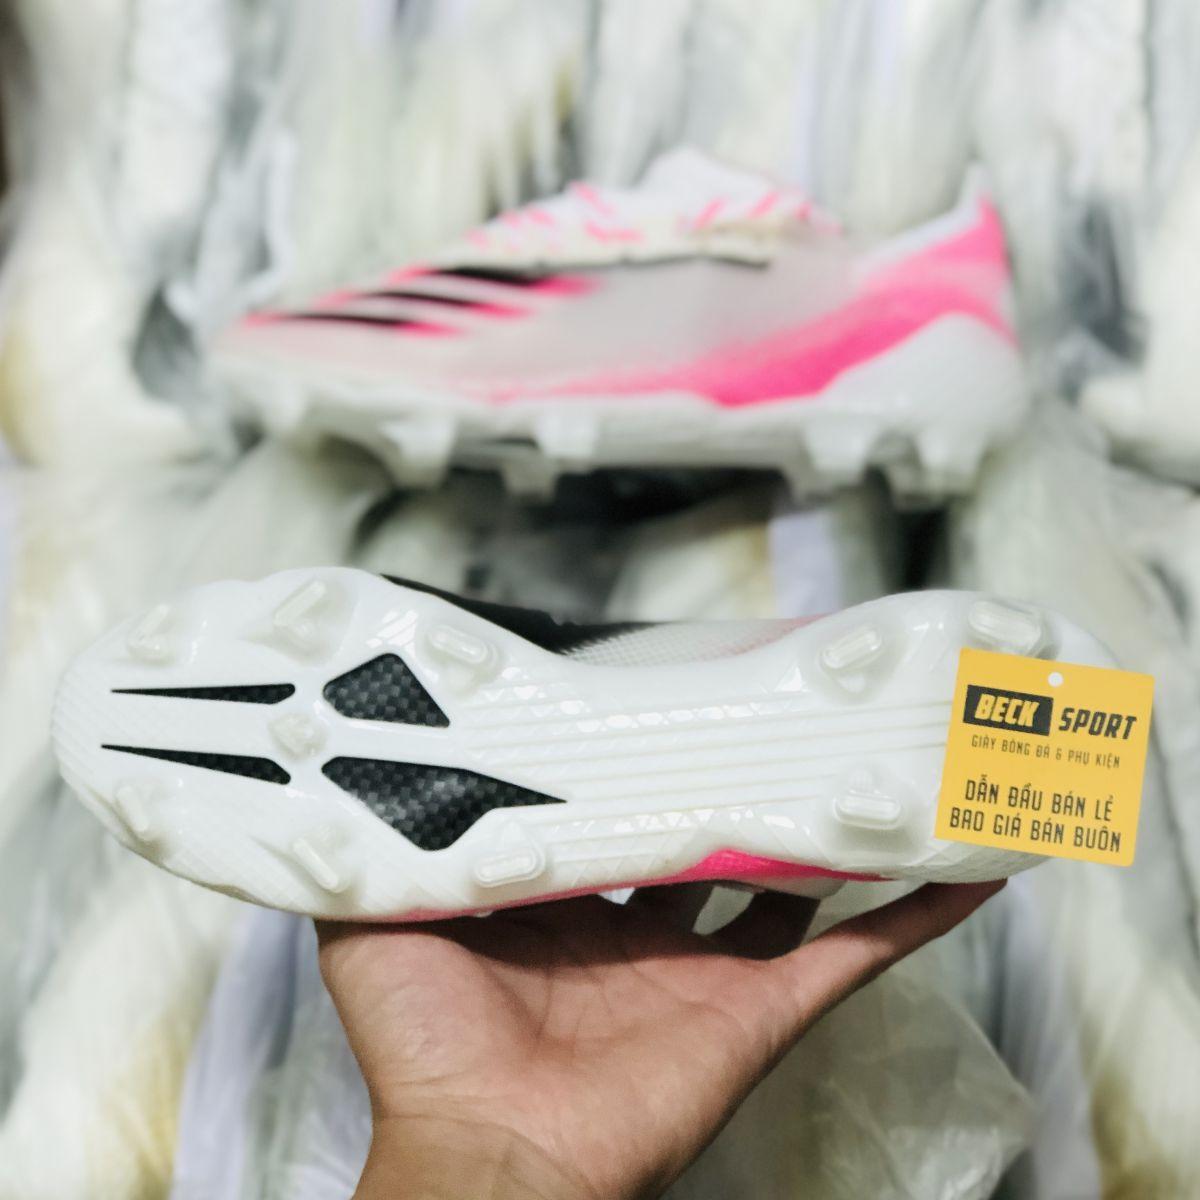 Giày Bóng Đá Adidas X Ghosted.1 Trắng Hồng Vạch Đen V2 FG